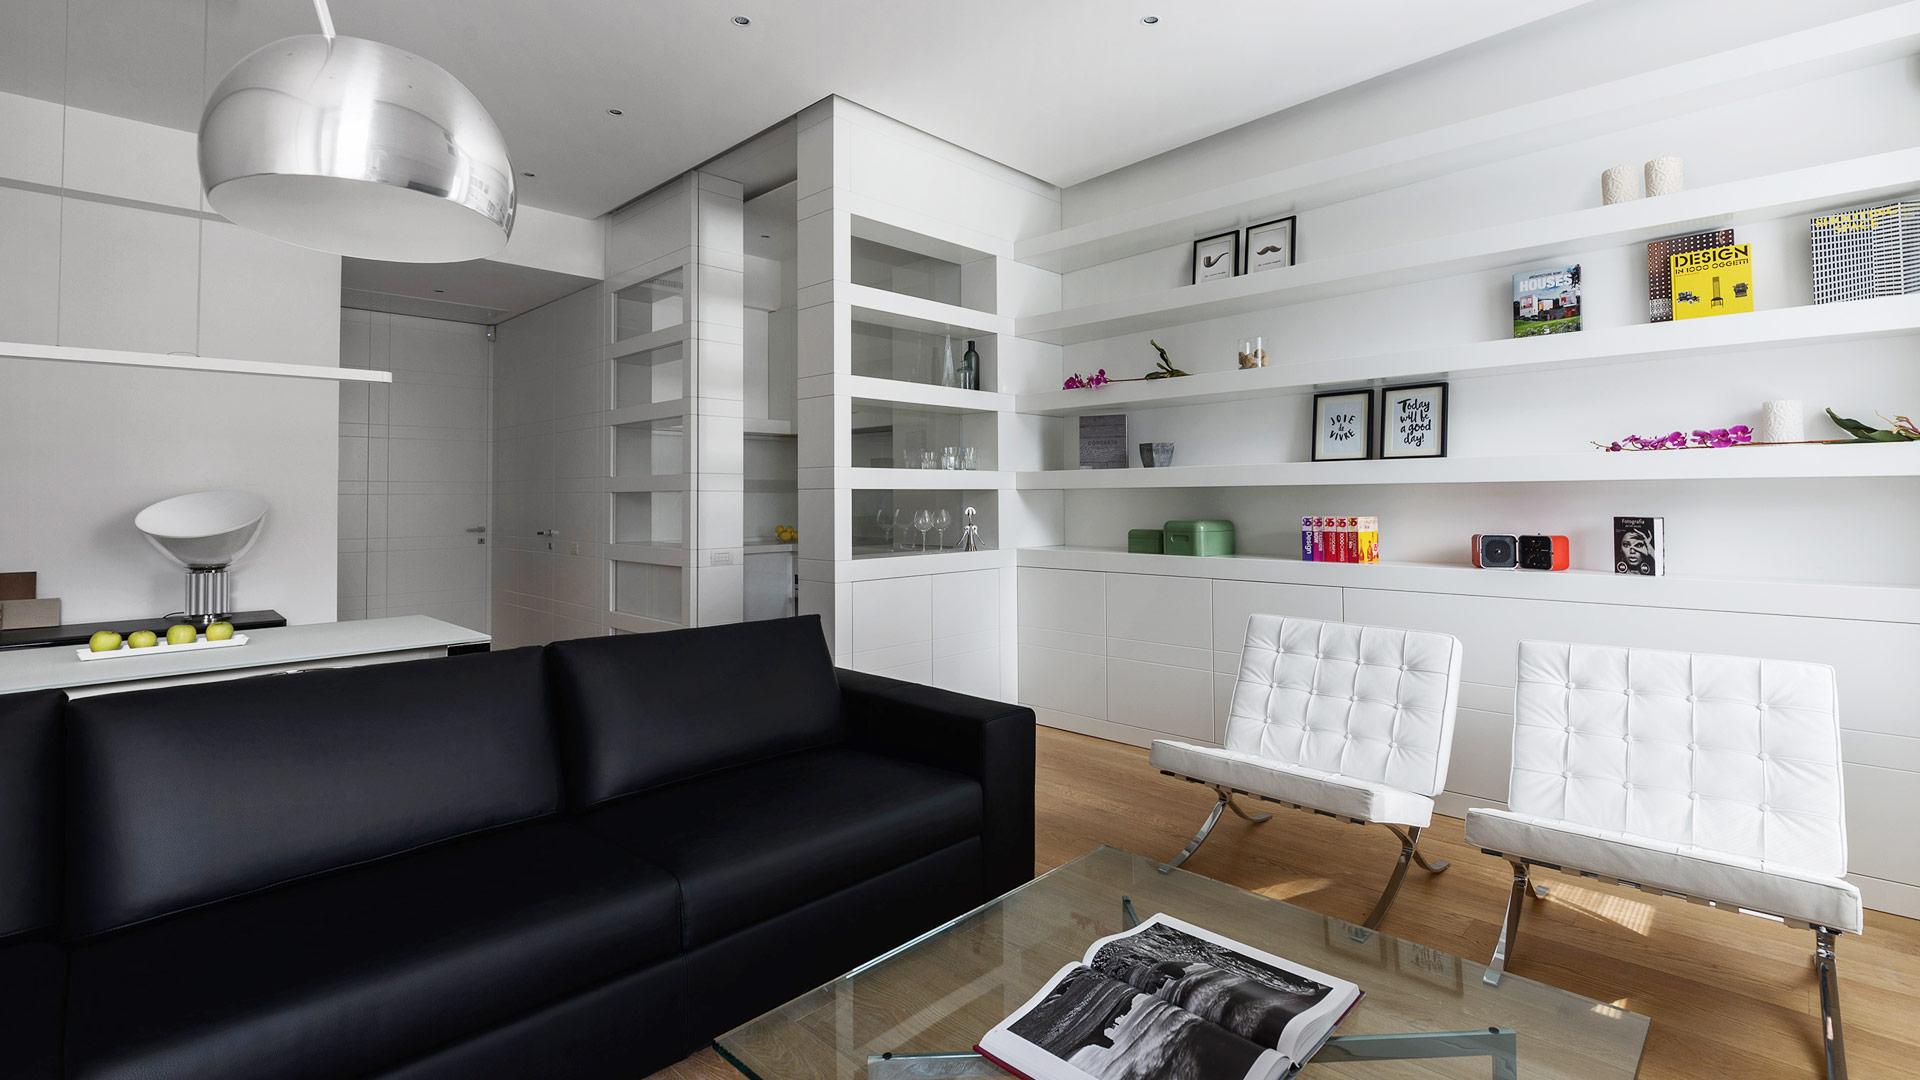 Progetto Contract Interior Design appartamento privato Roma - Area-contract-Cicchetti-02